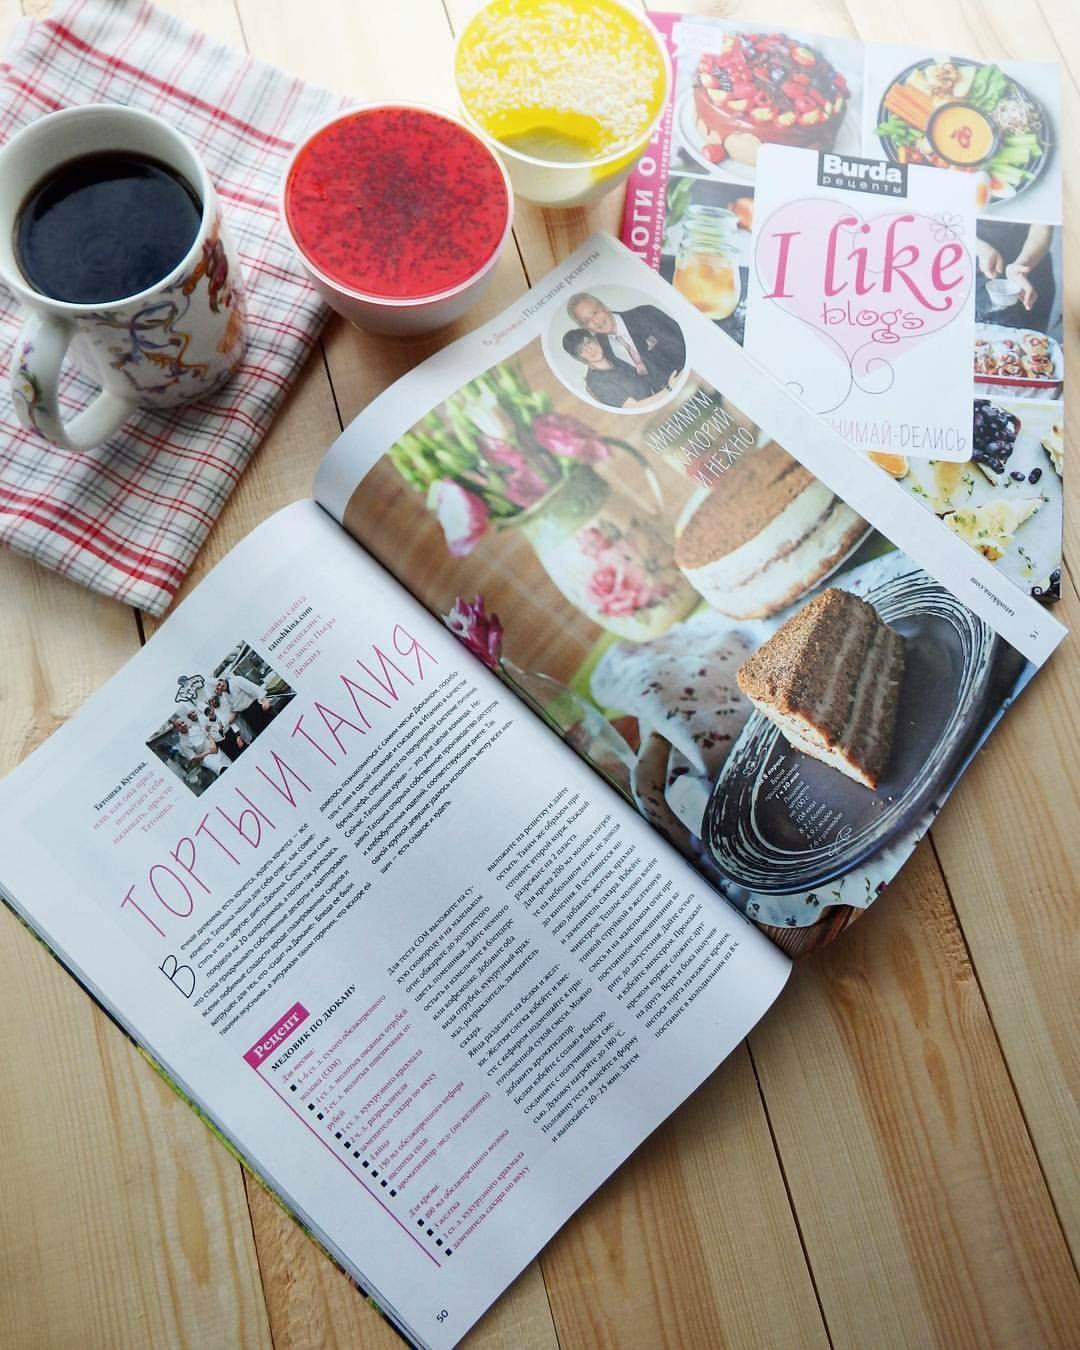 Интервью в журнале «Бурда»